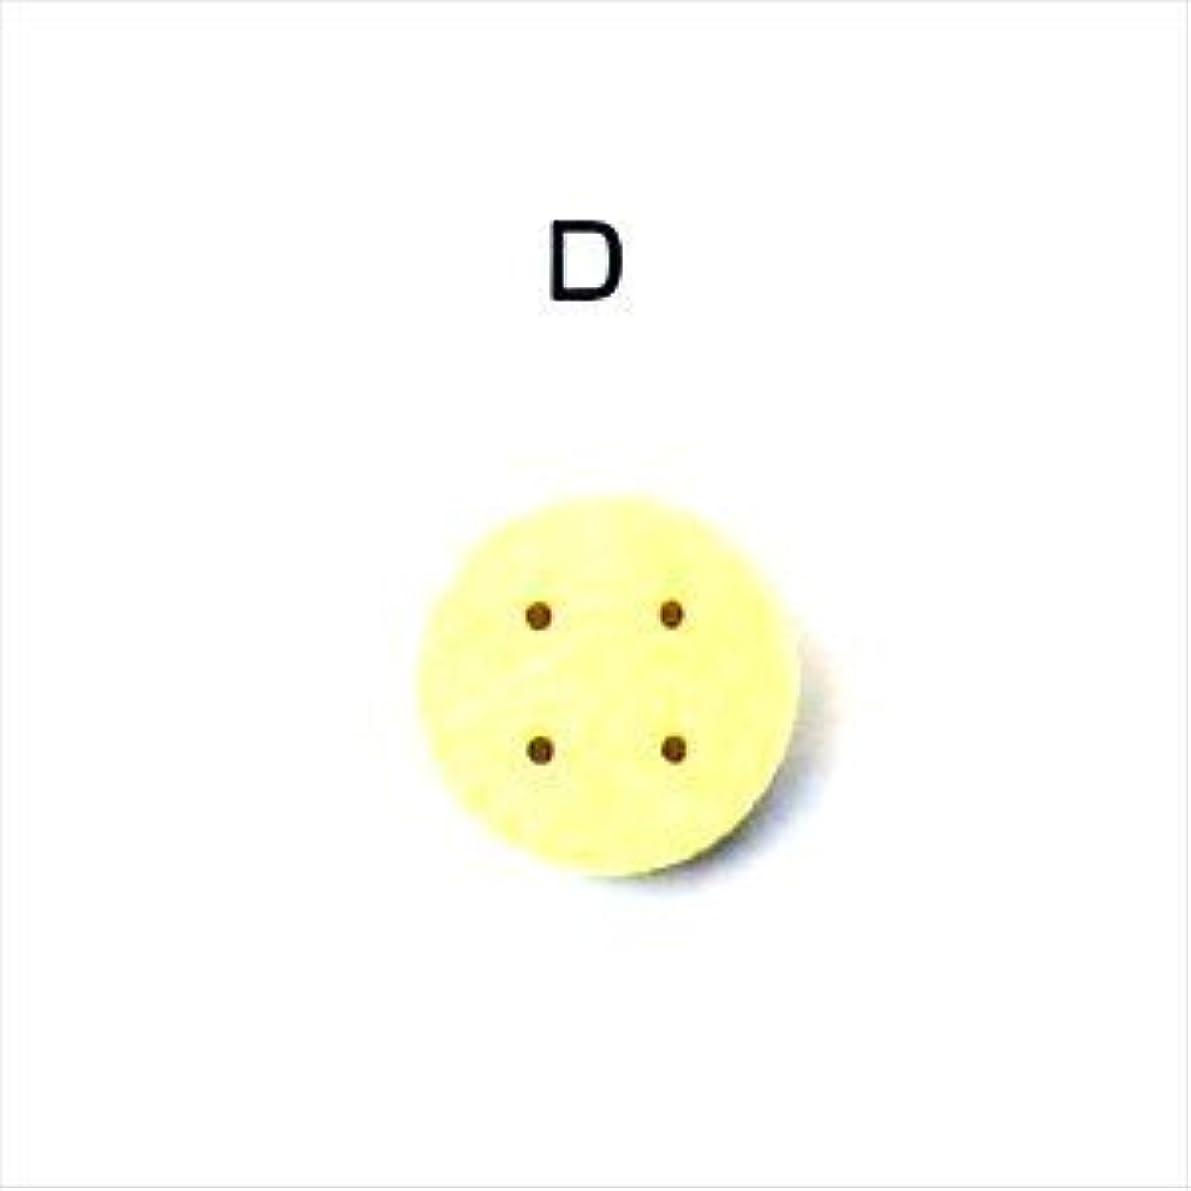 サイズ個人的に精査する【メディカルブック】1.丸型 R-D スポンジ 4個入(SE-451D) - 干渉波?吸引用